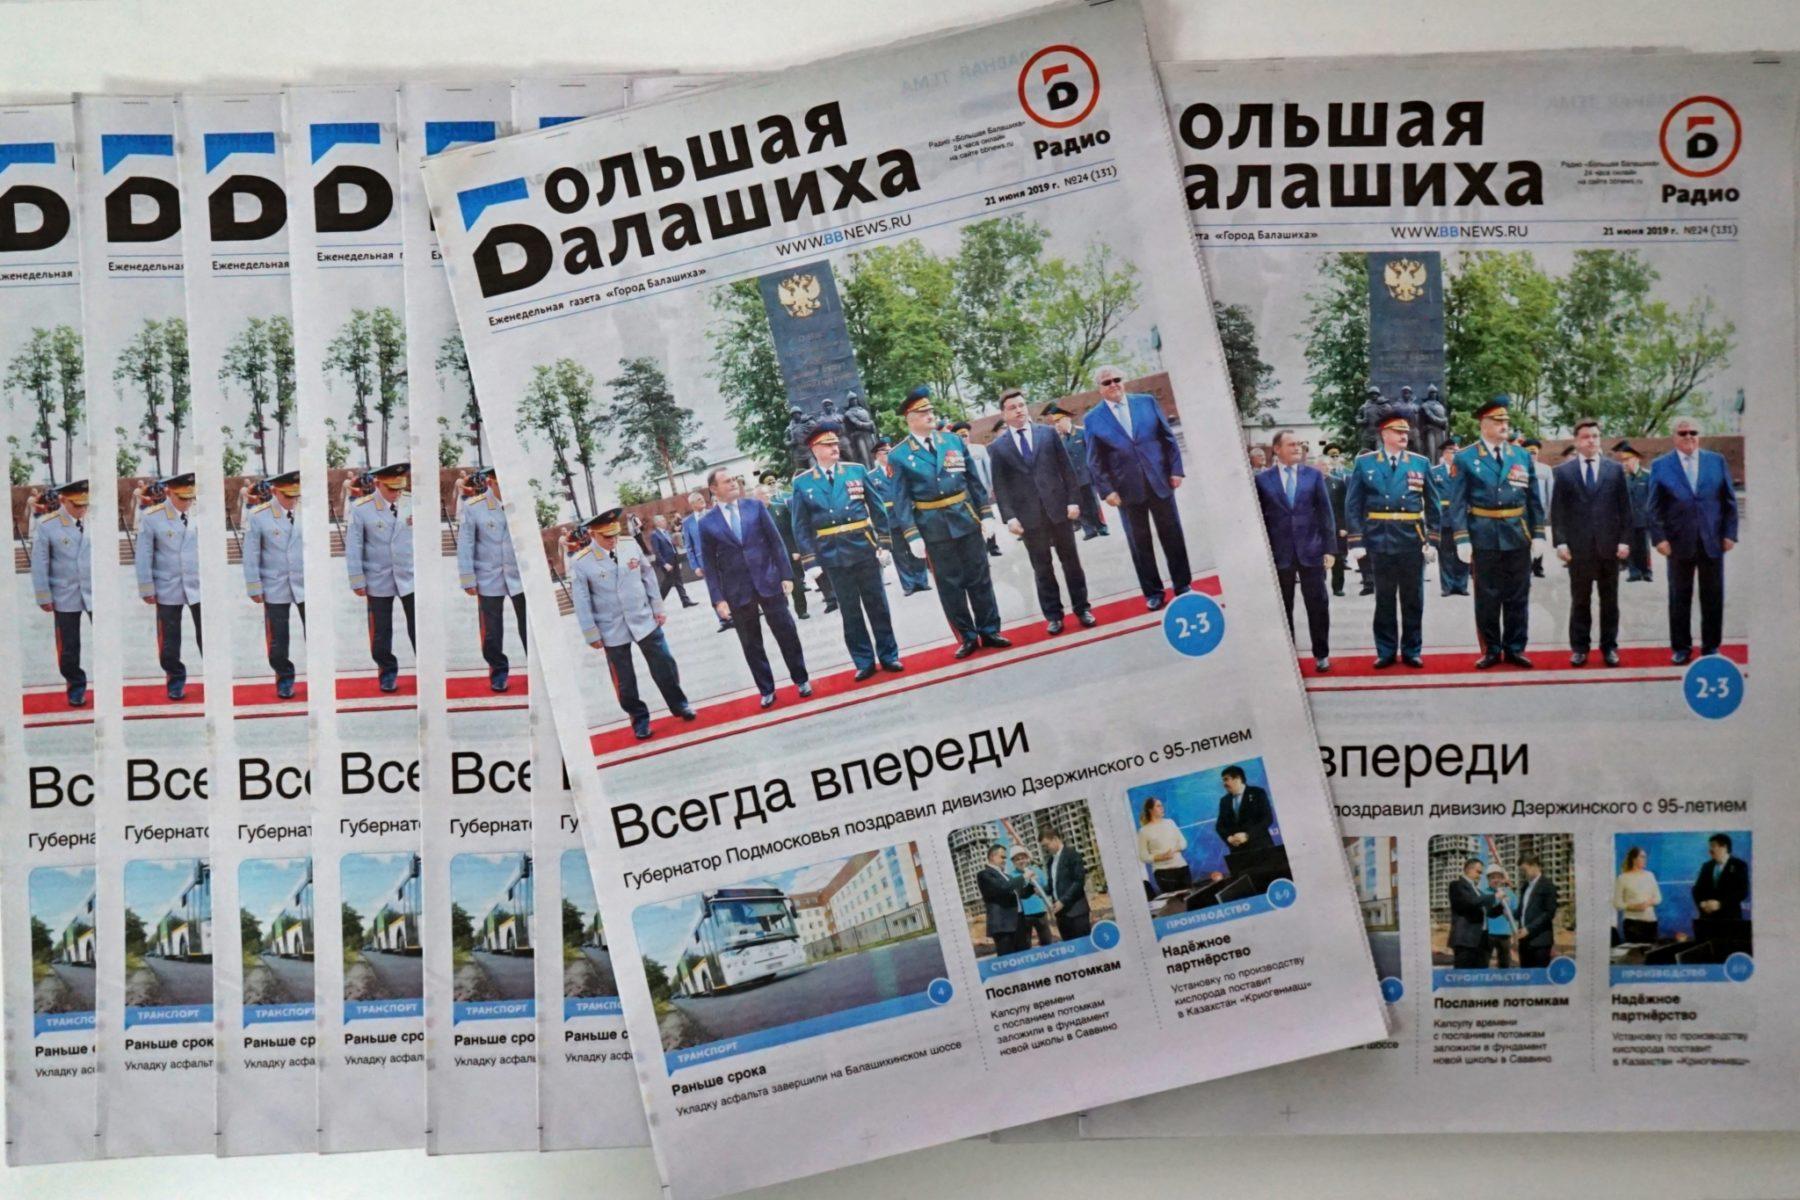 Вышла газета «Город Балашиха» №24 (131)